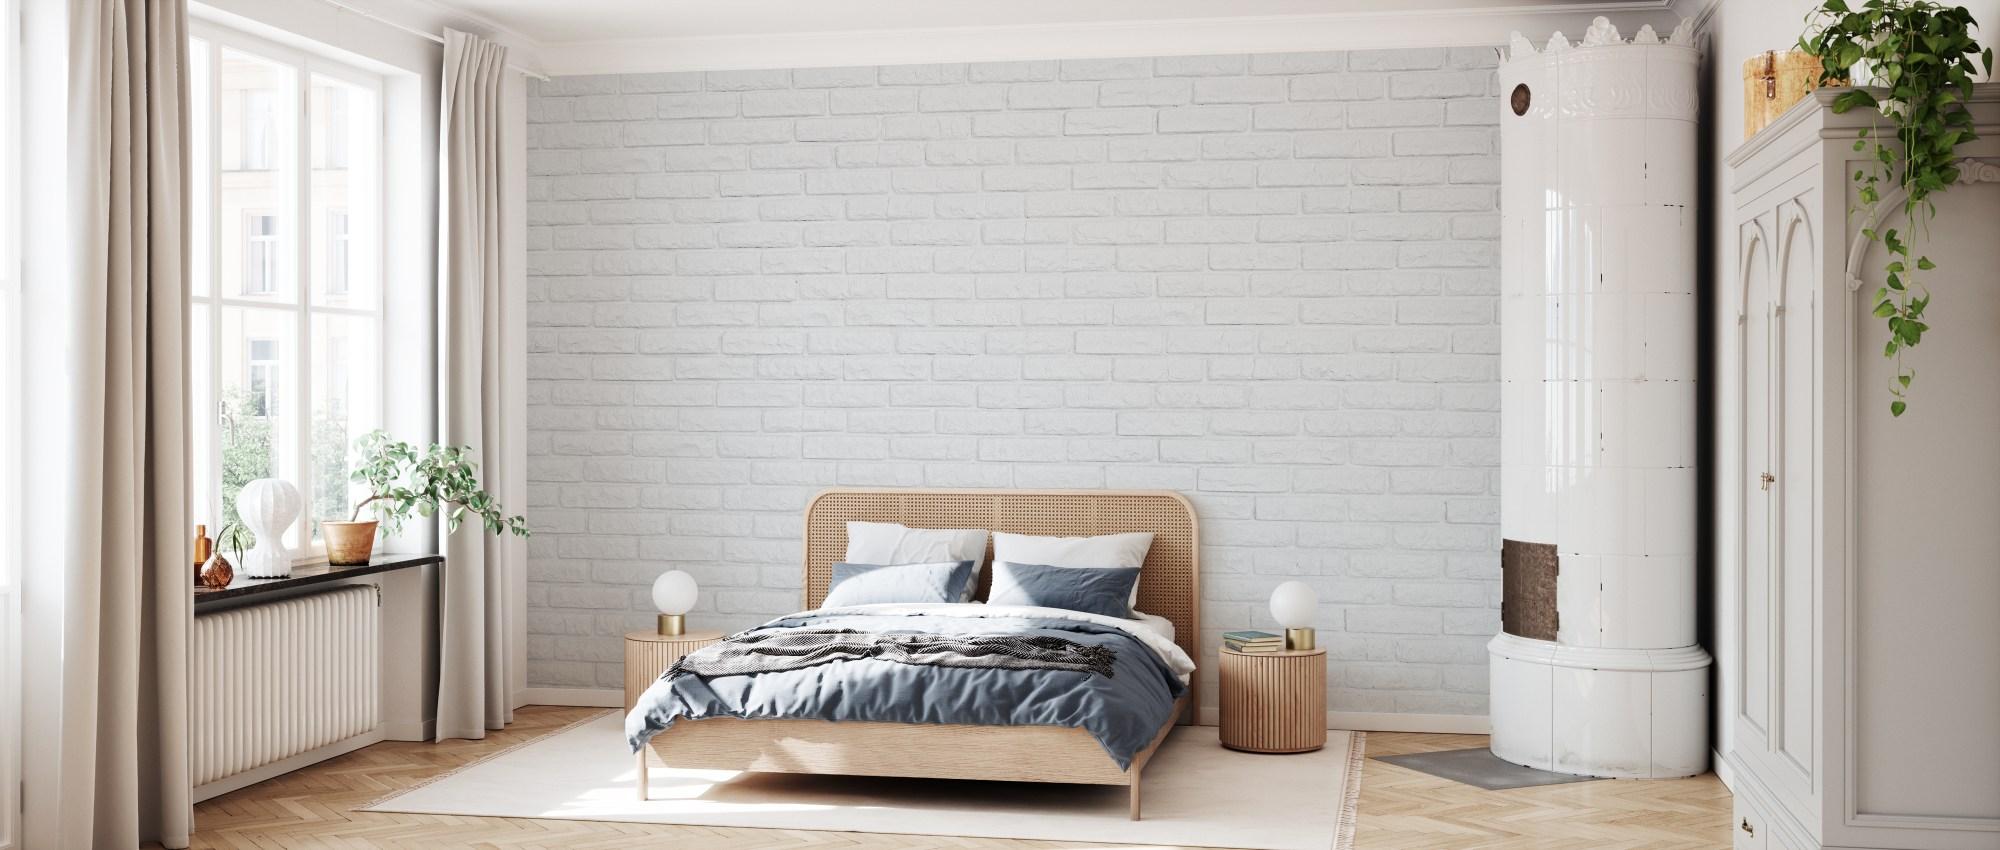 Trova una vasta selezione di carta da parati camera da letto a prezzi vantaggiosi su ebay. White Brick Wall Fotomurale Di Tendenza Photowall